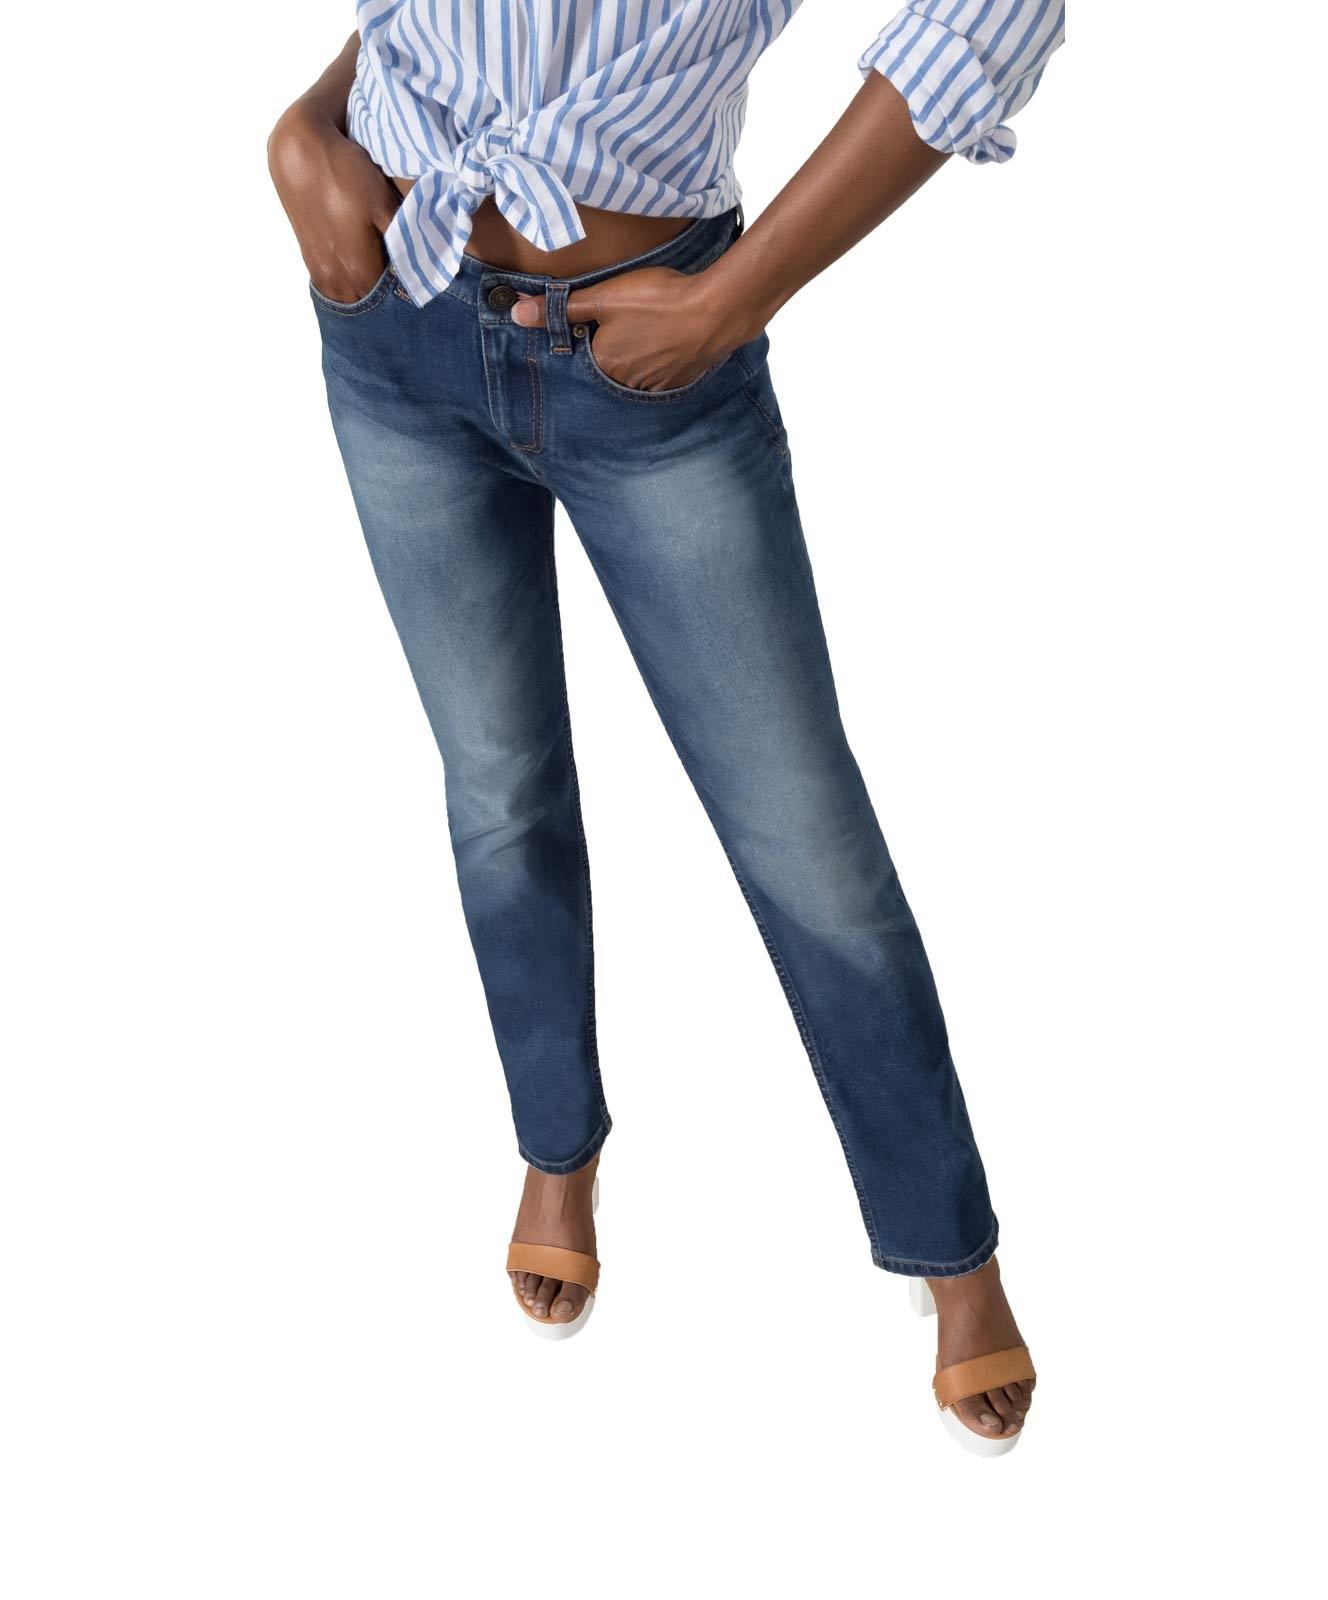 Hosen für Frauen - HIS COLETTA Jeans Straight Fit Medium Blue  - Onlineshop Jeans Meile